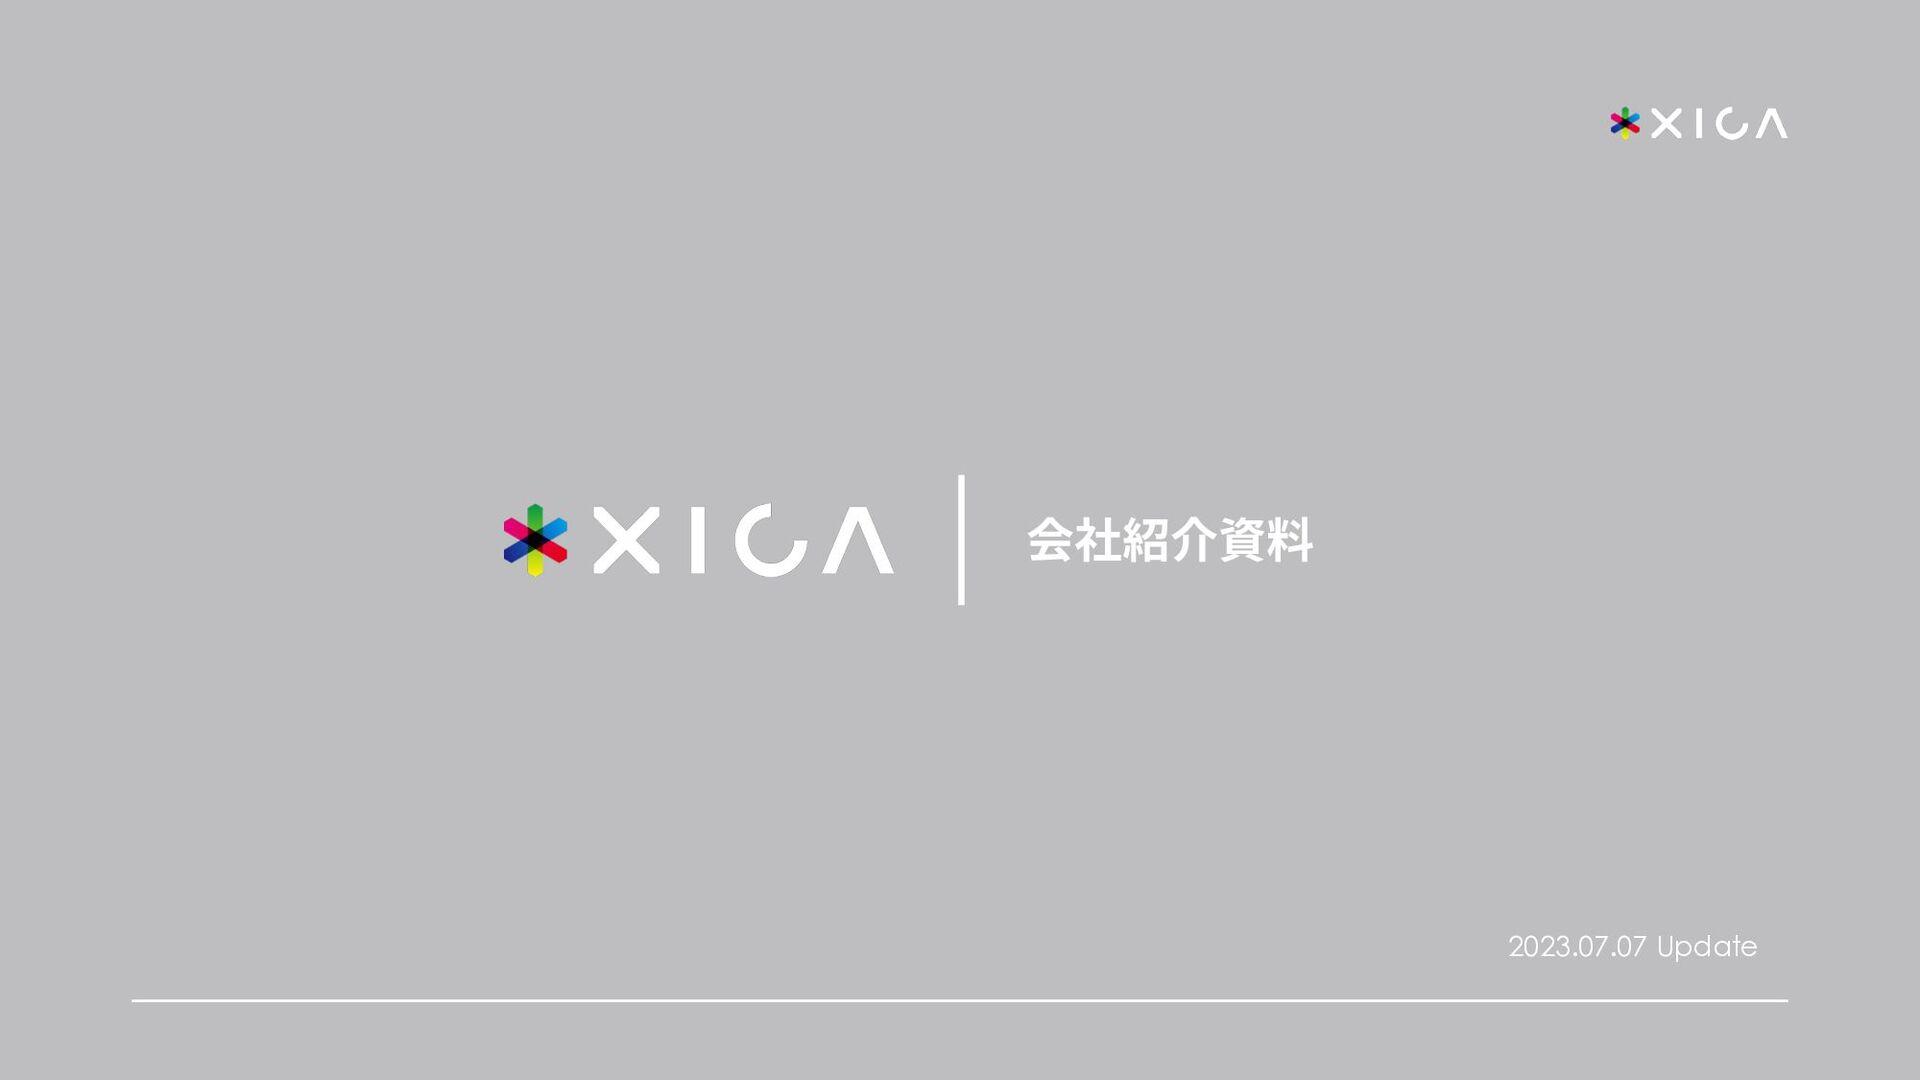 会社紹介資料 2021.8.23 Update